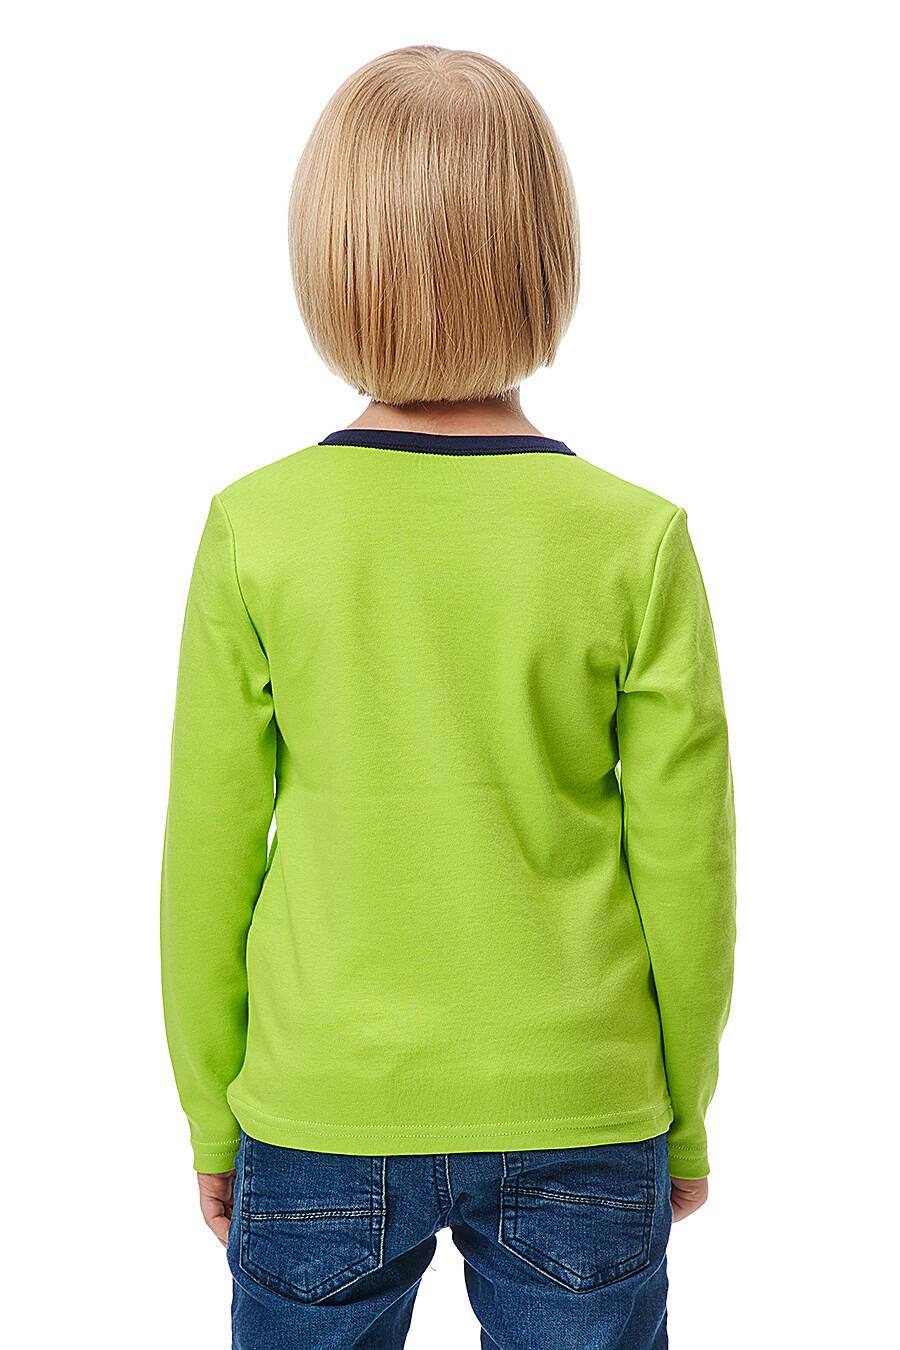 Джемпер LUCKY CHILD (184704), купить в Moyo.moda